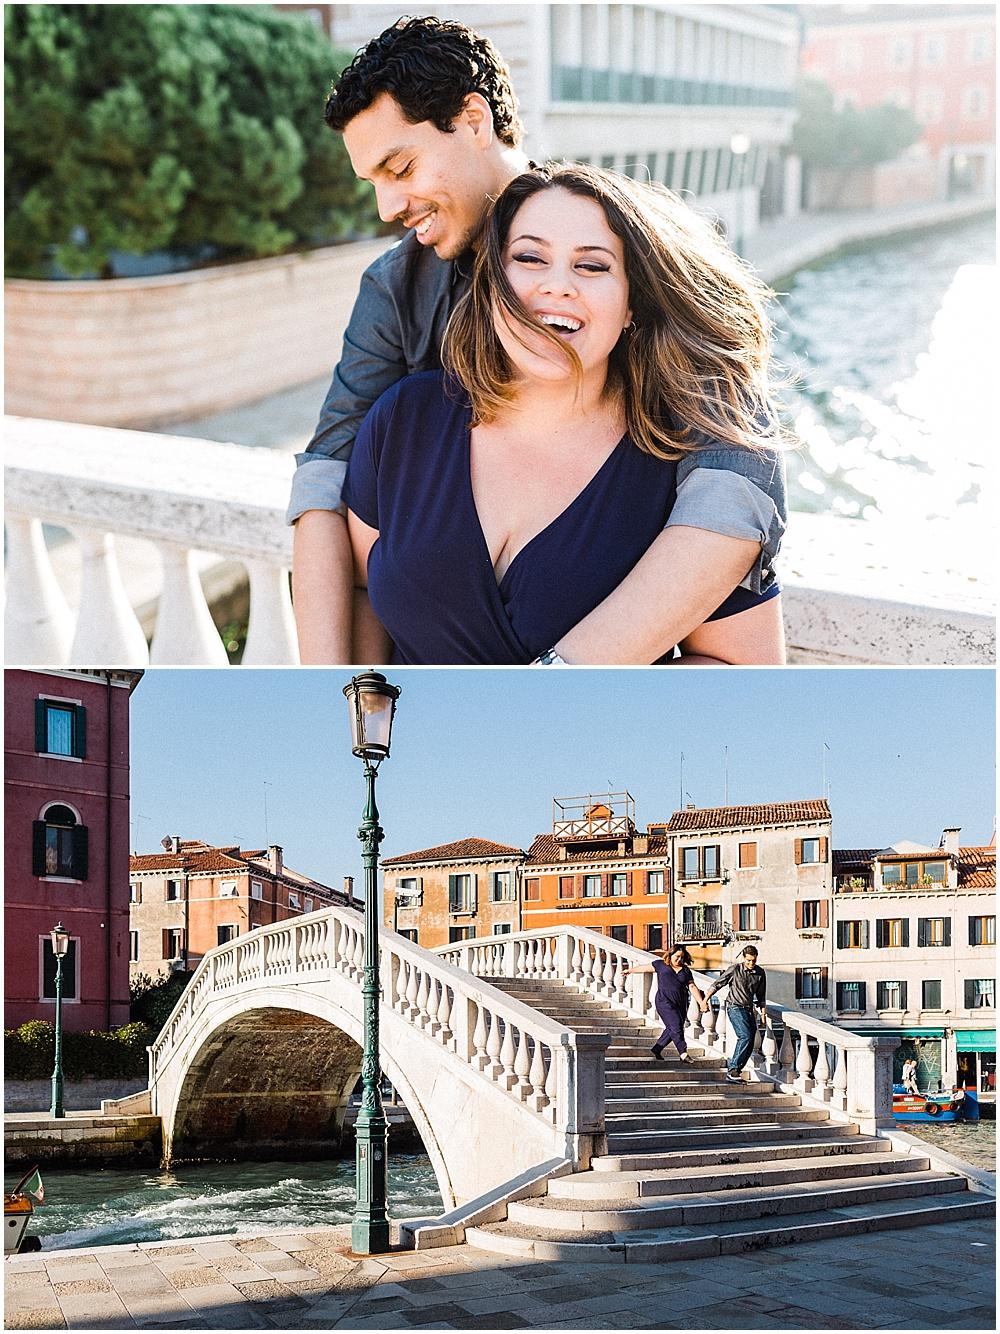 Venice-italy-wedding-photographer-stefano-degirmenci_0422.jpg